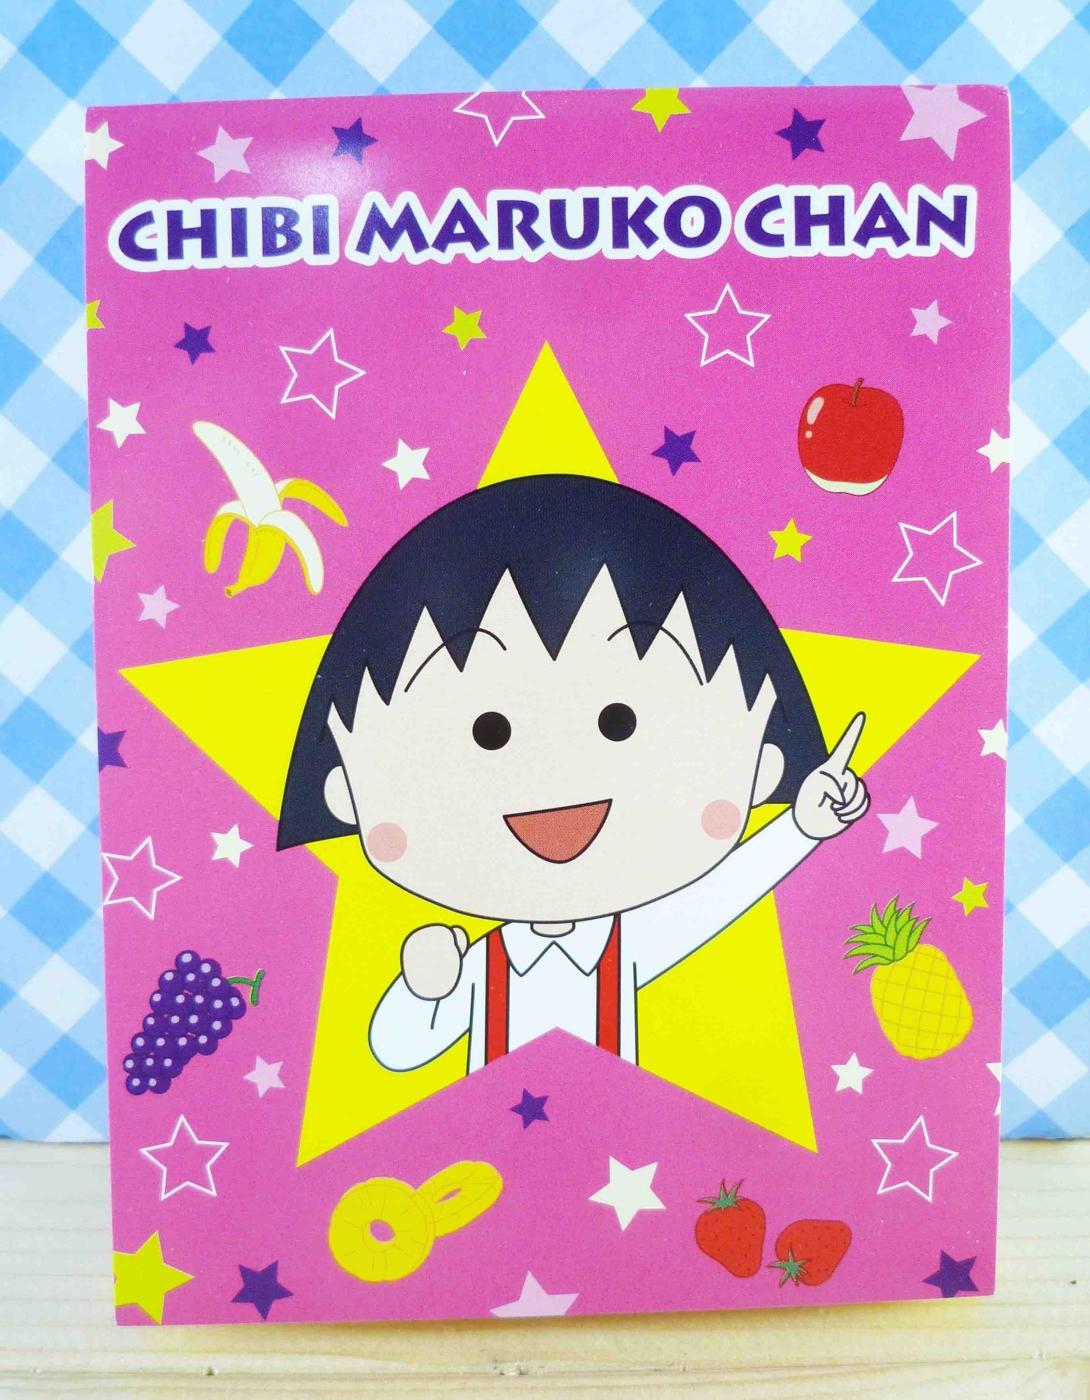 震撼精品百貨CHIBI MARUKO CHAN櫻桃小丸子~便條本-粉色